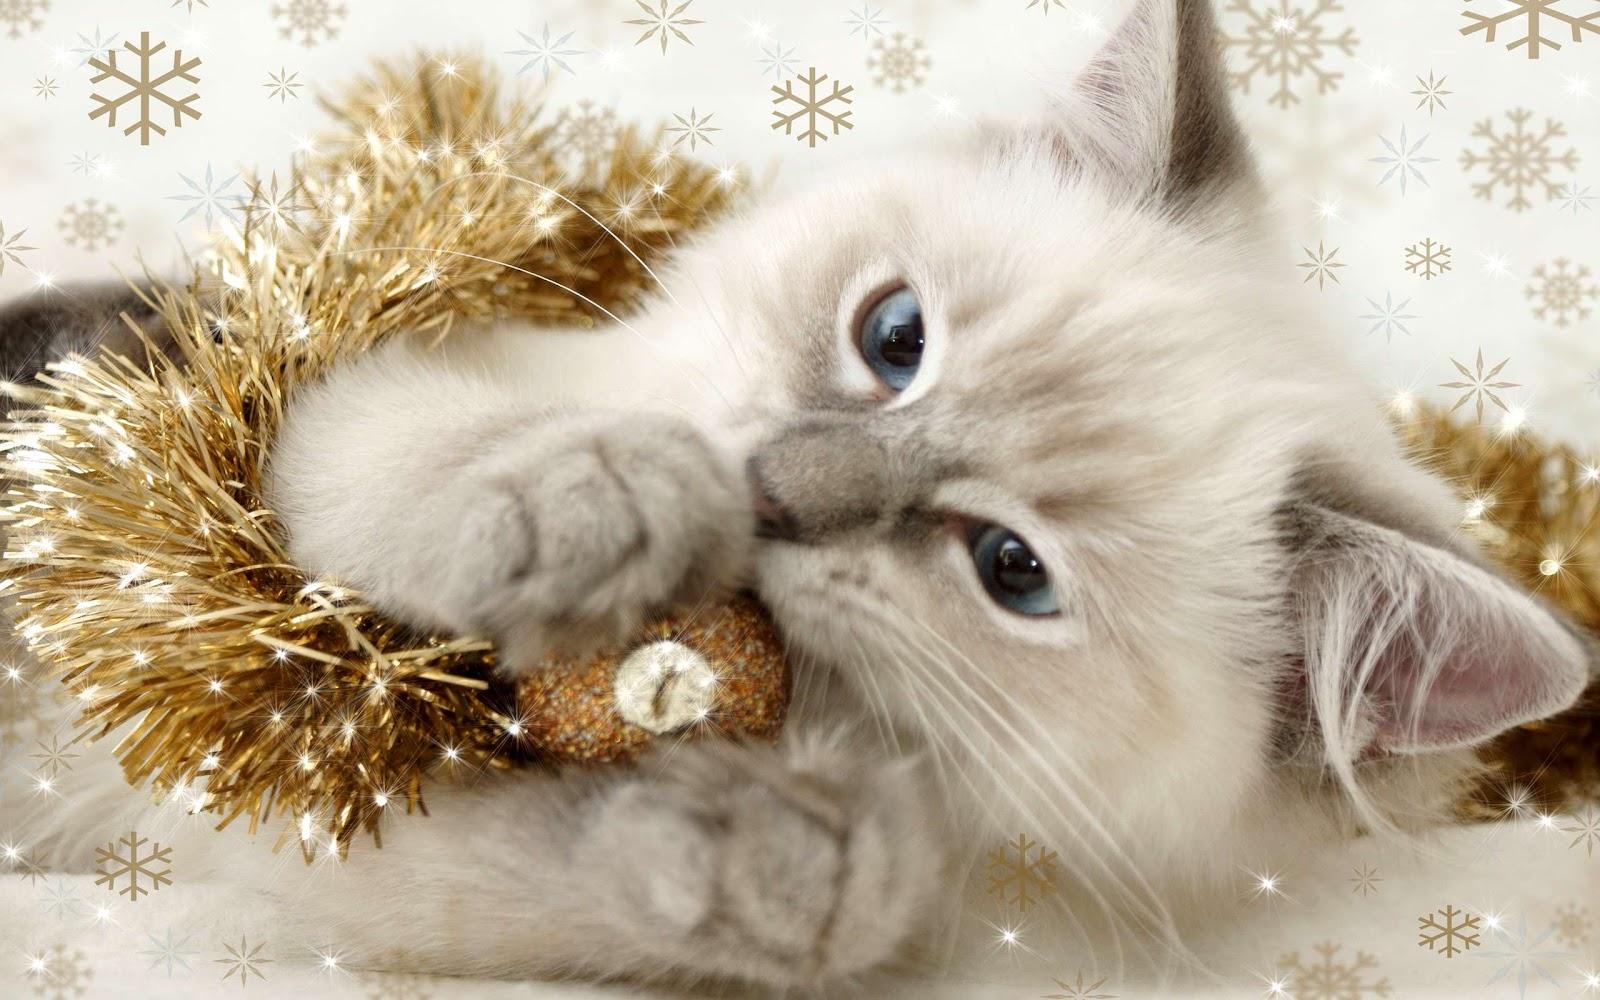 Сибирский котенок фото, Сибирский котенок фото новогодние картинки обои  рабочий стол, Сибирский котенок фото обои новогодние картинки, фото  фотографии с Новым годом картинка кошки изображение